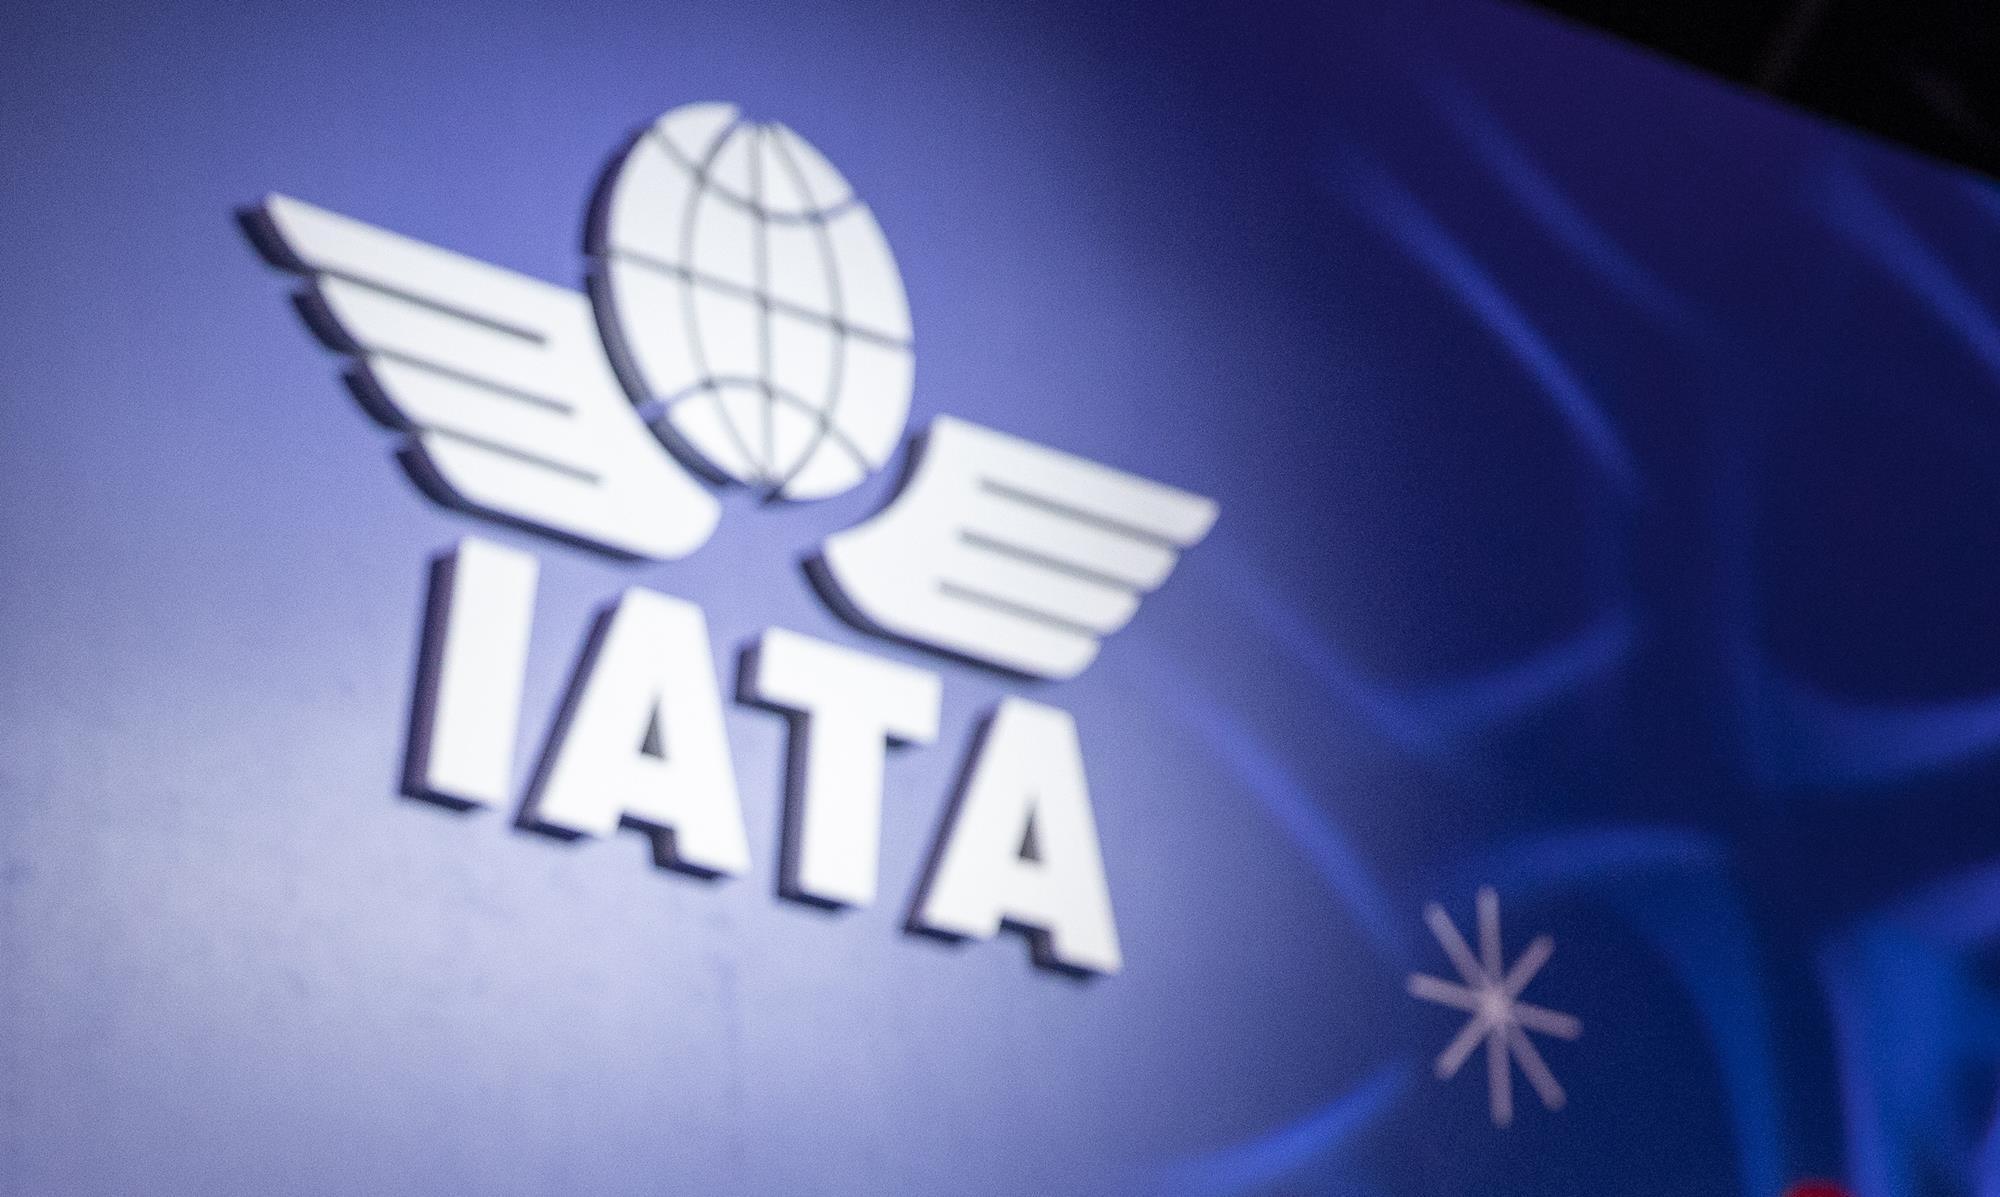 «الاياتا» تتوقع ازدياد تأثير كورونا على صناعة الطيران فى الشرق الأوسط وأفريقيا